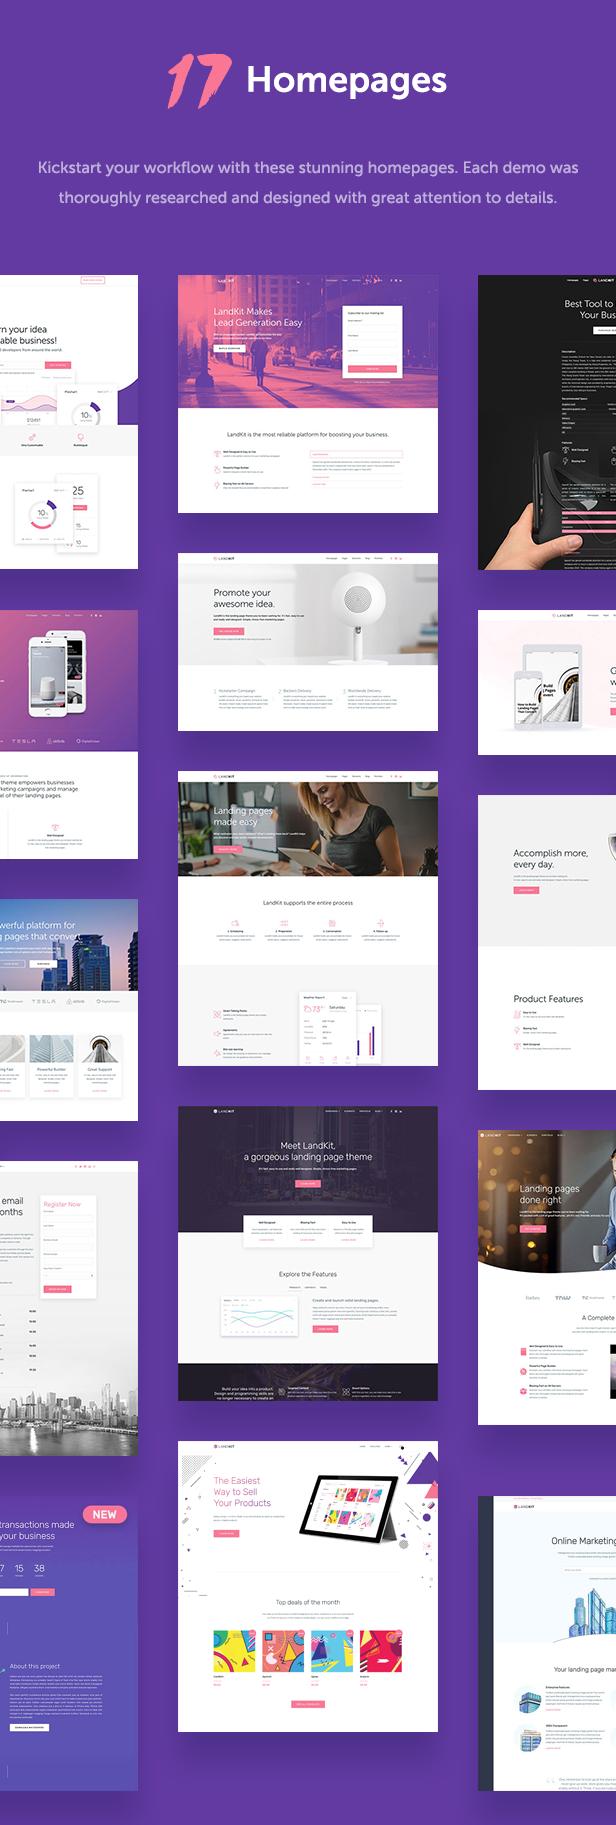 17 homepages - Landkit - WordPress Landing Page Theme